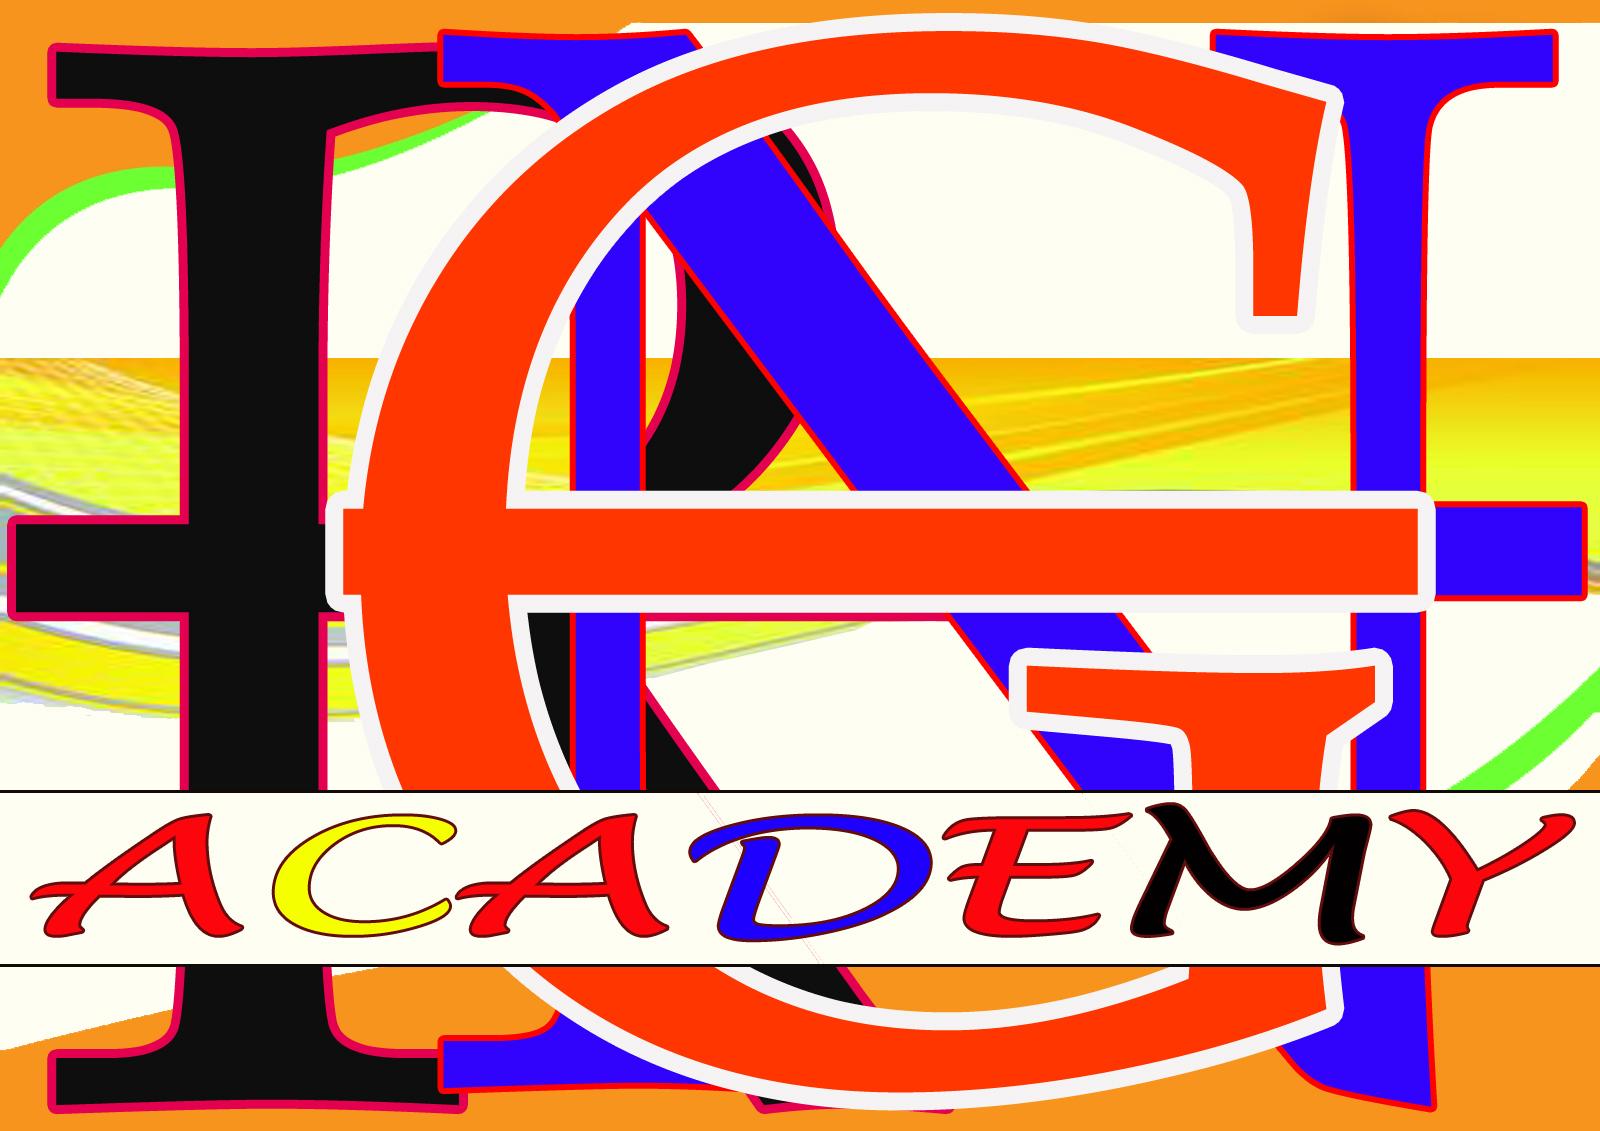 http://divyakaushal.navnaukri.com/company/rgn-academy